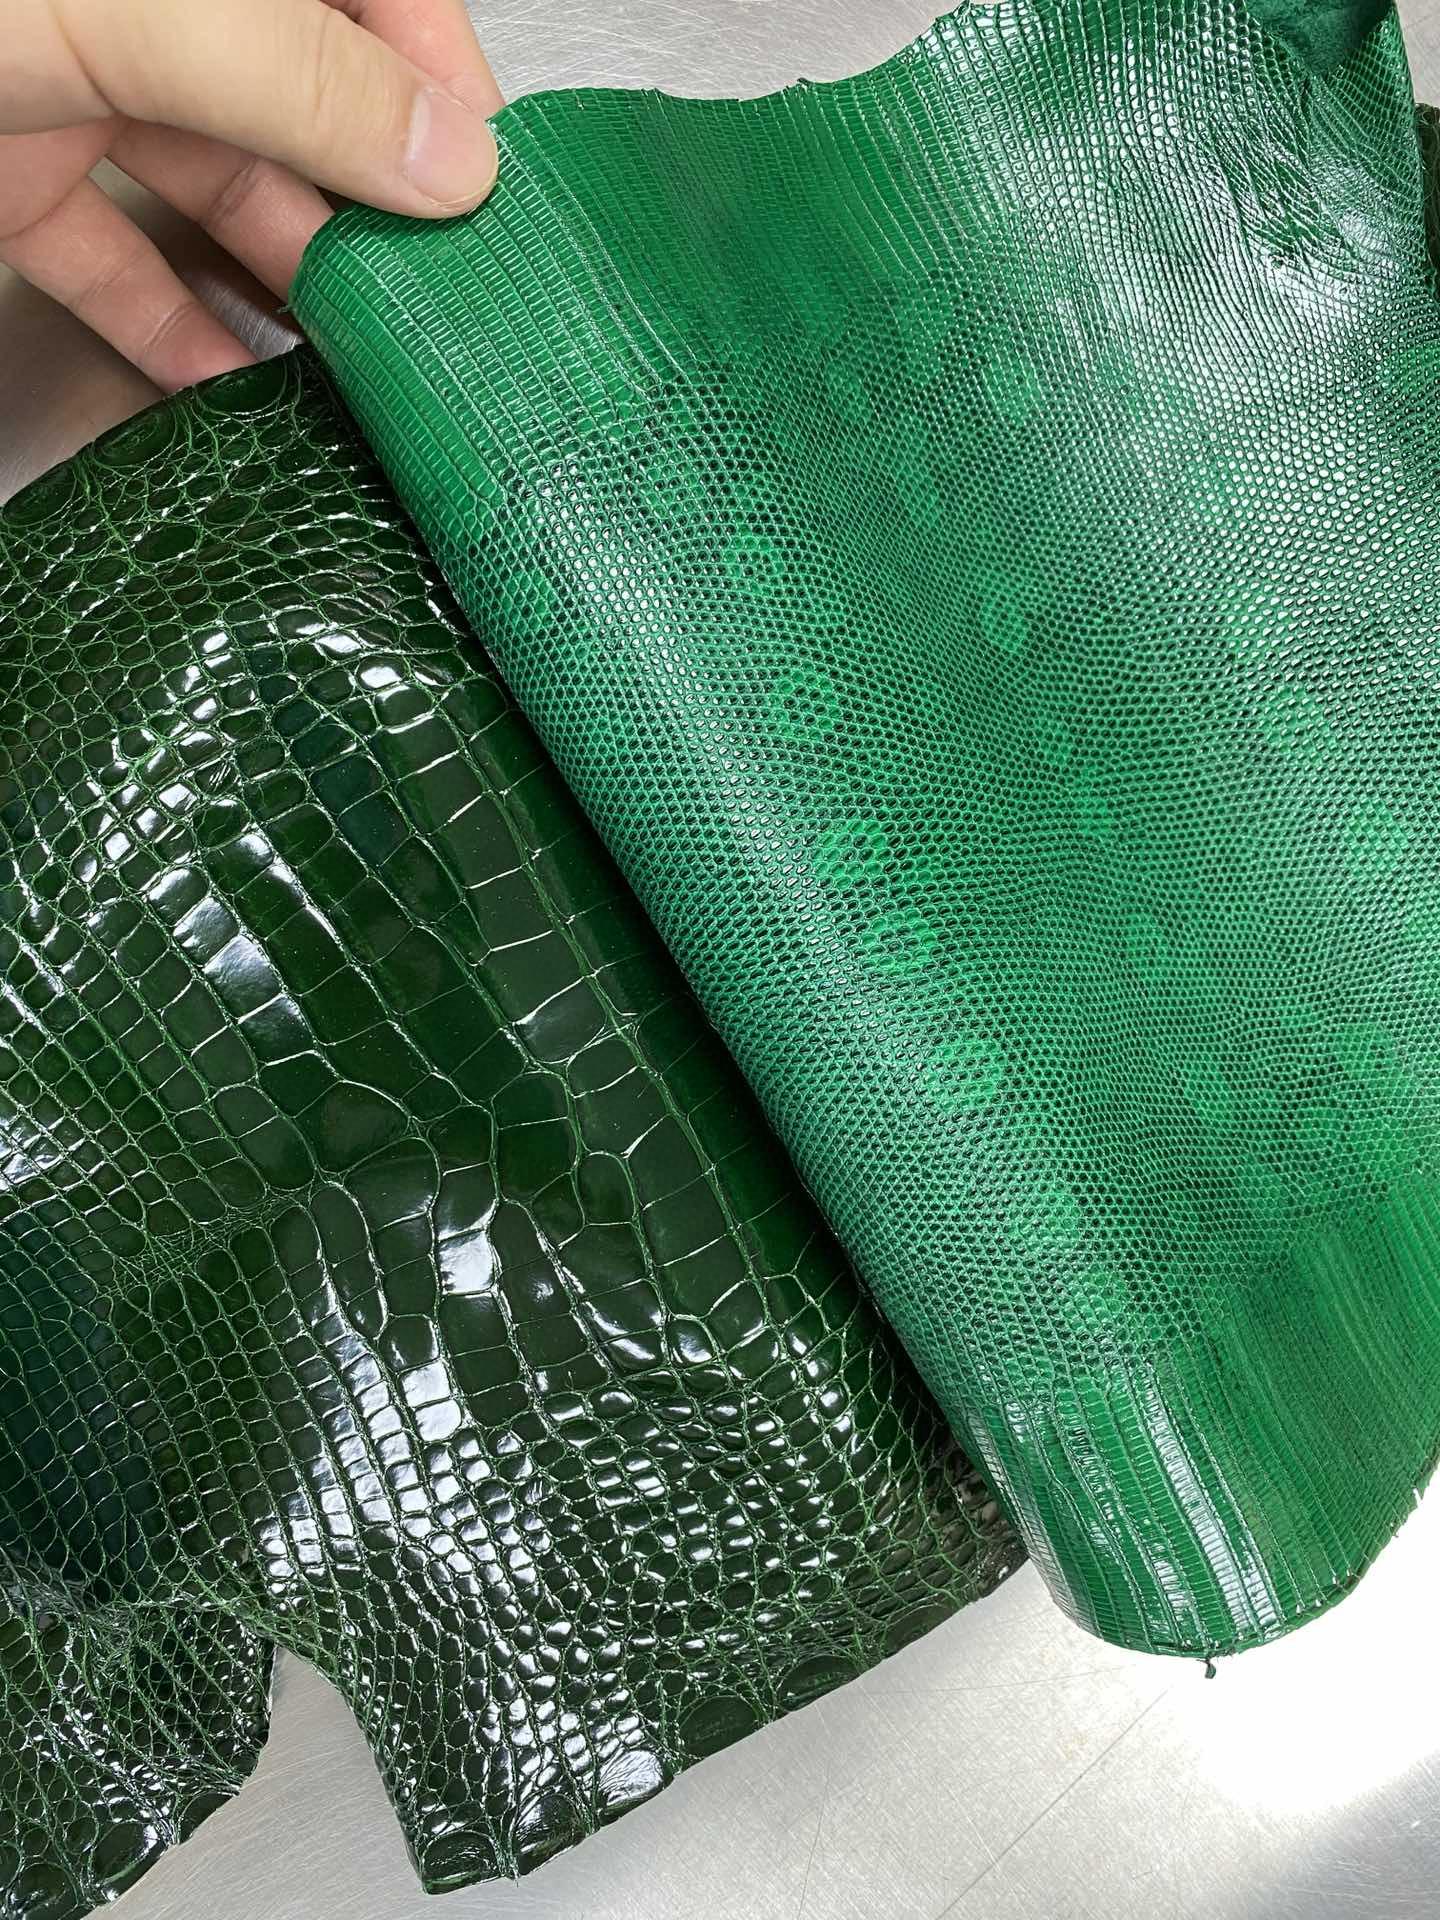 Hermès(爱马仕)新皮 亮面鳄鱼 祖母绿 拼 蜥蜴皮 超美 可定制